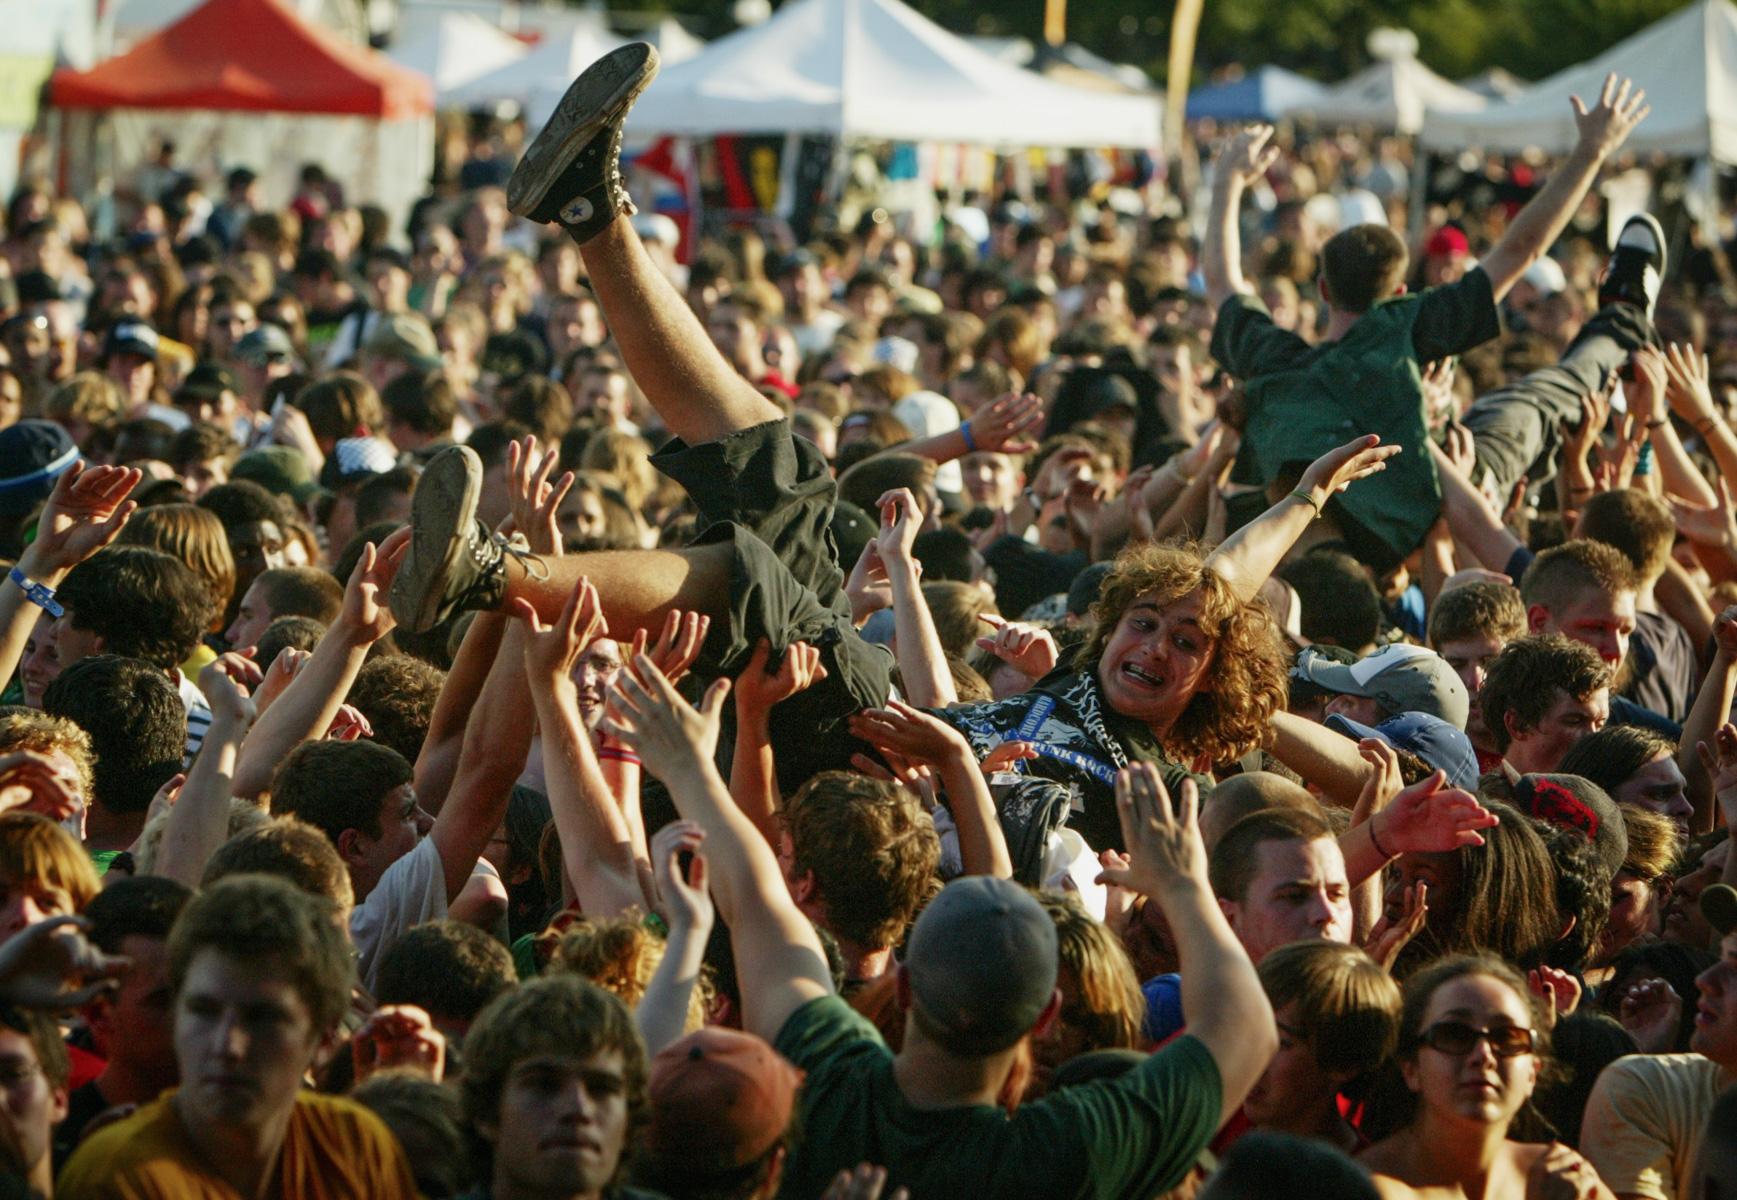 crowd-surfing-1.jpg